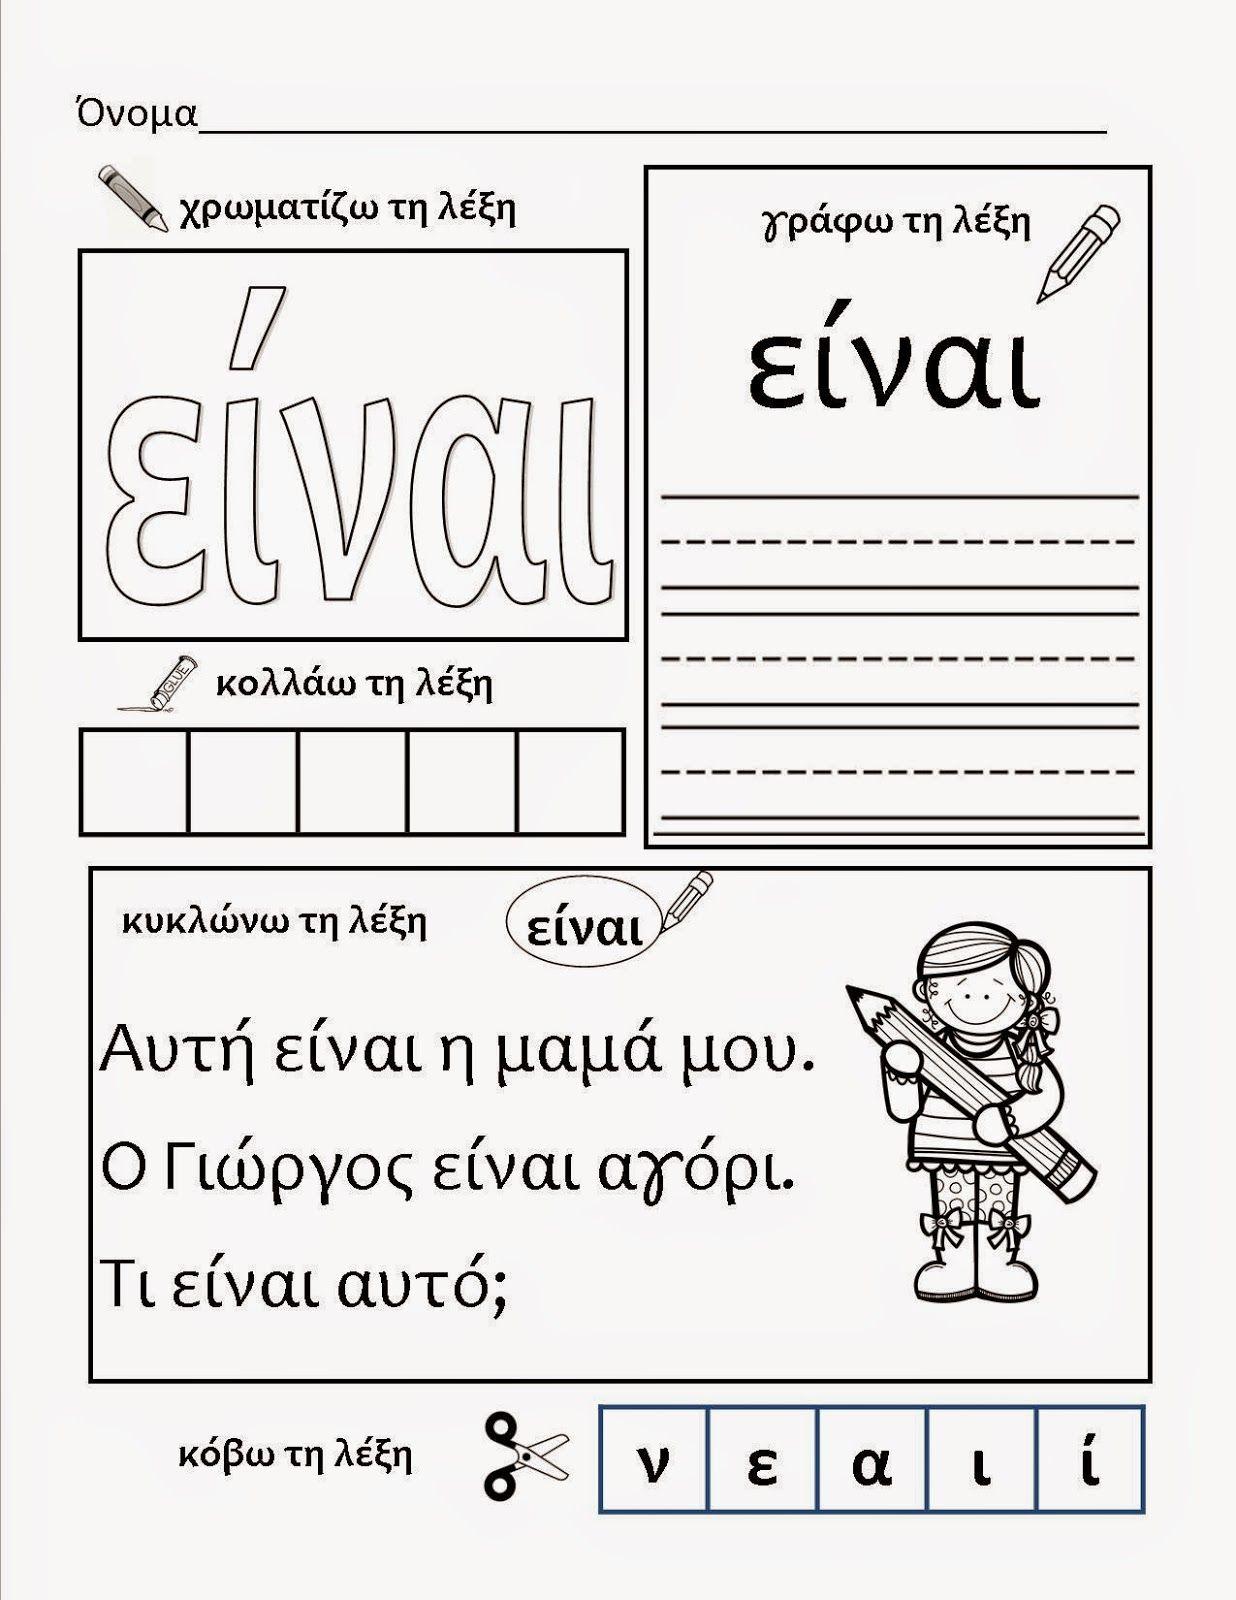 Greek4Kids website - worksheet printables, flashcards, etc ...